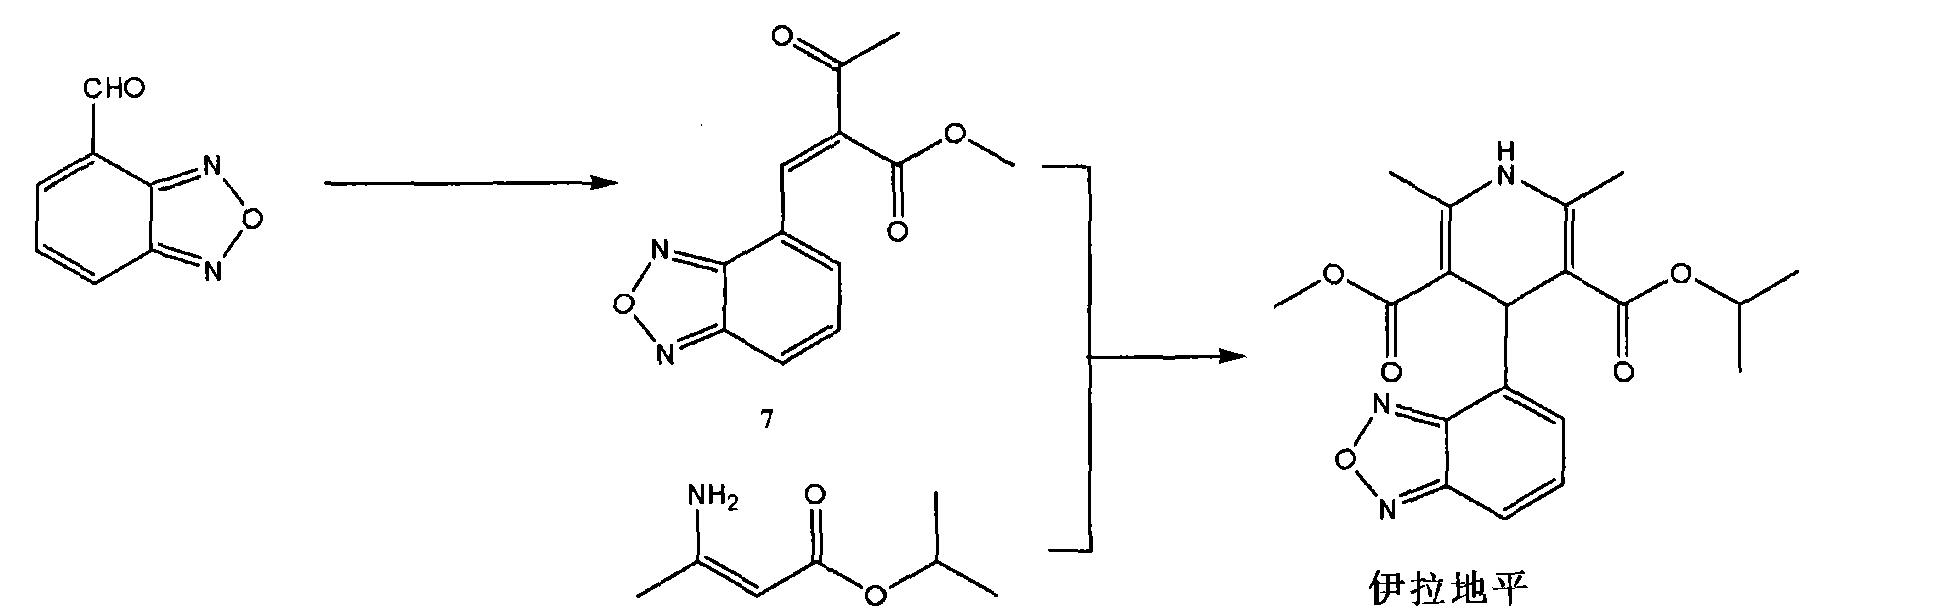 Figure CN101768153BD00061